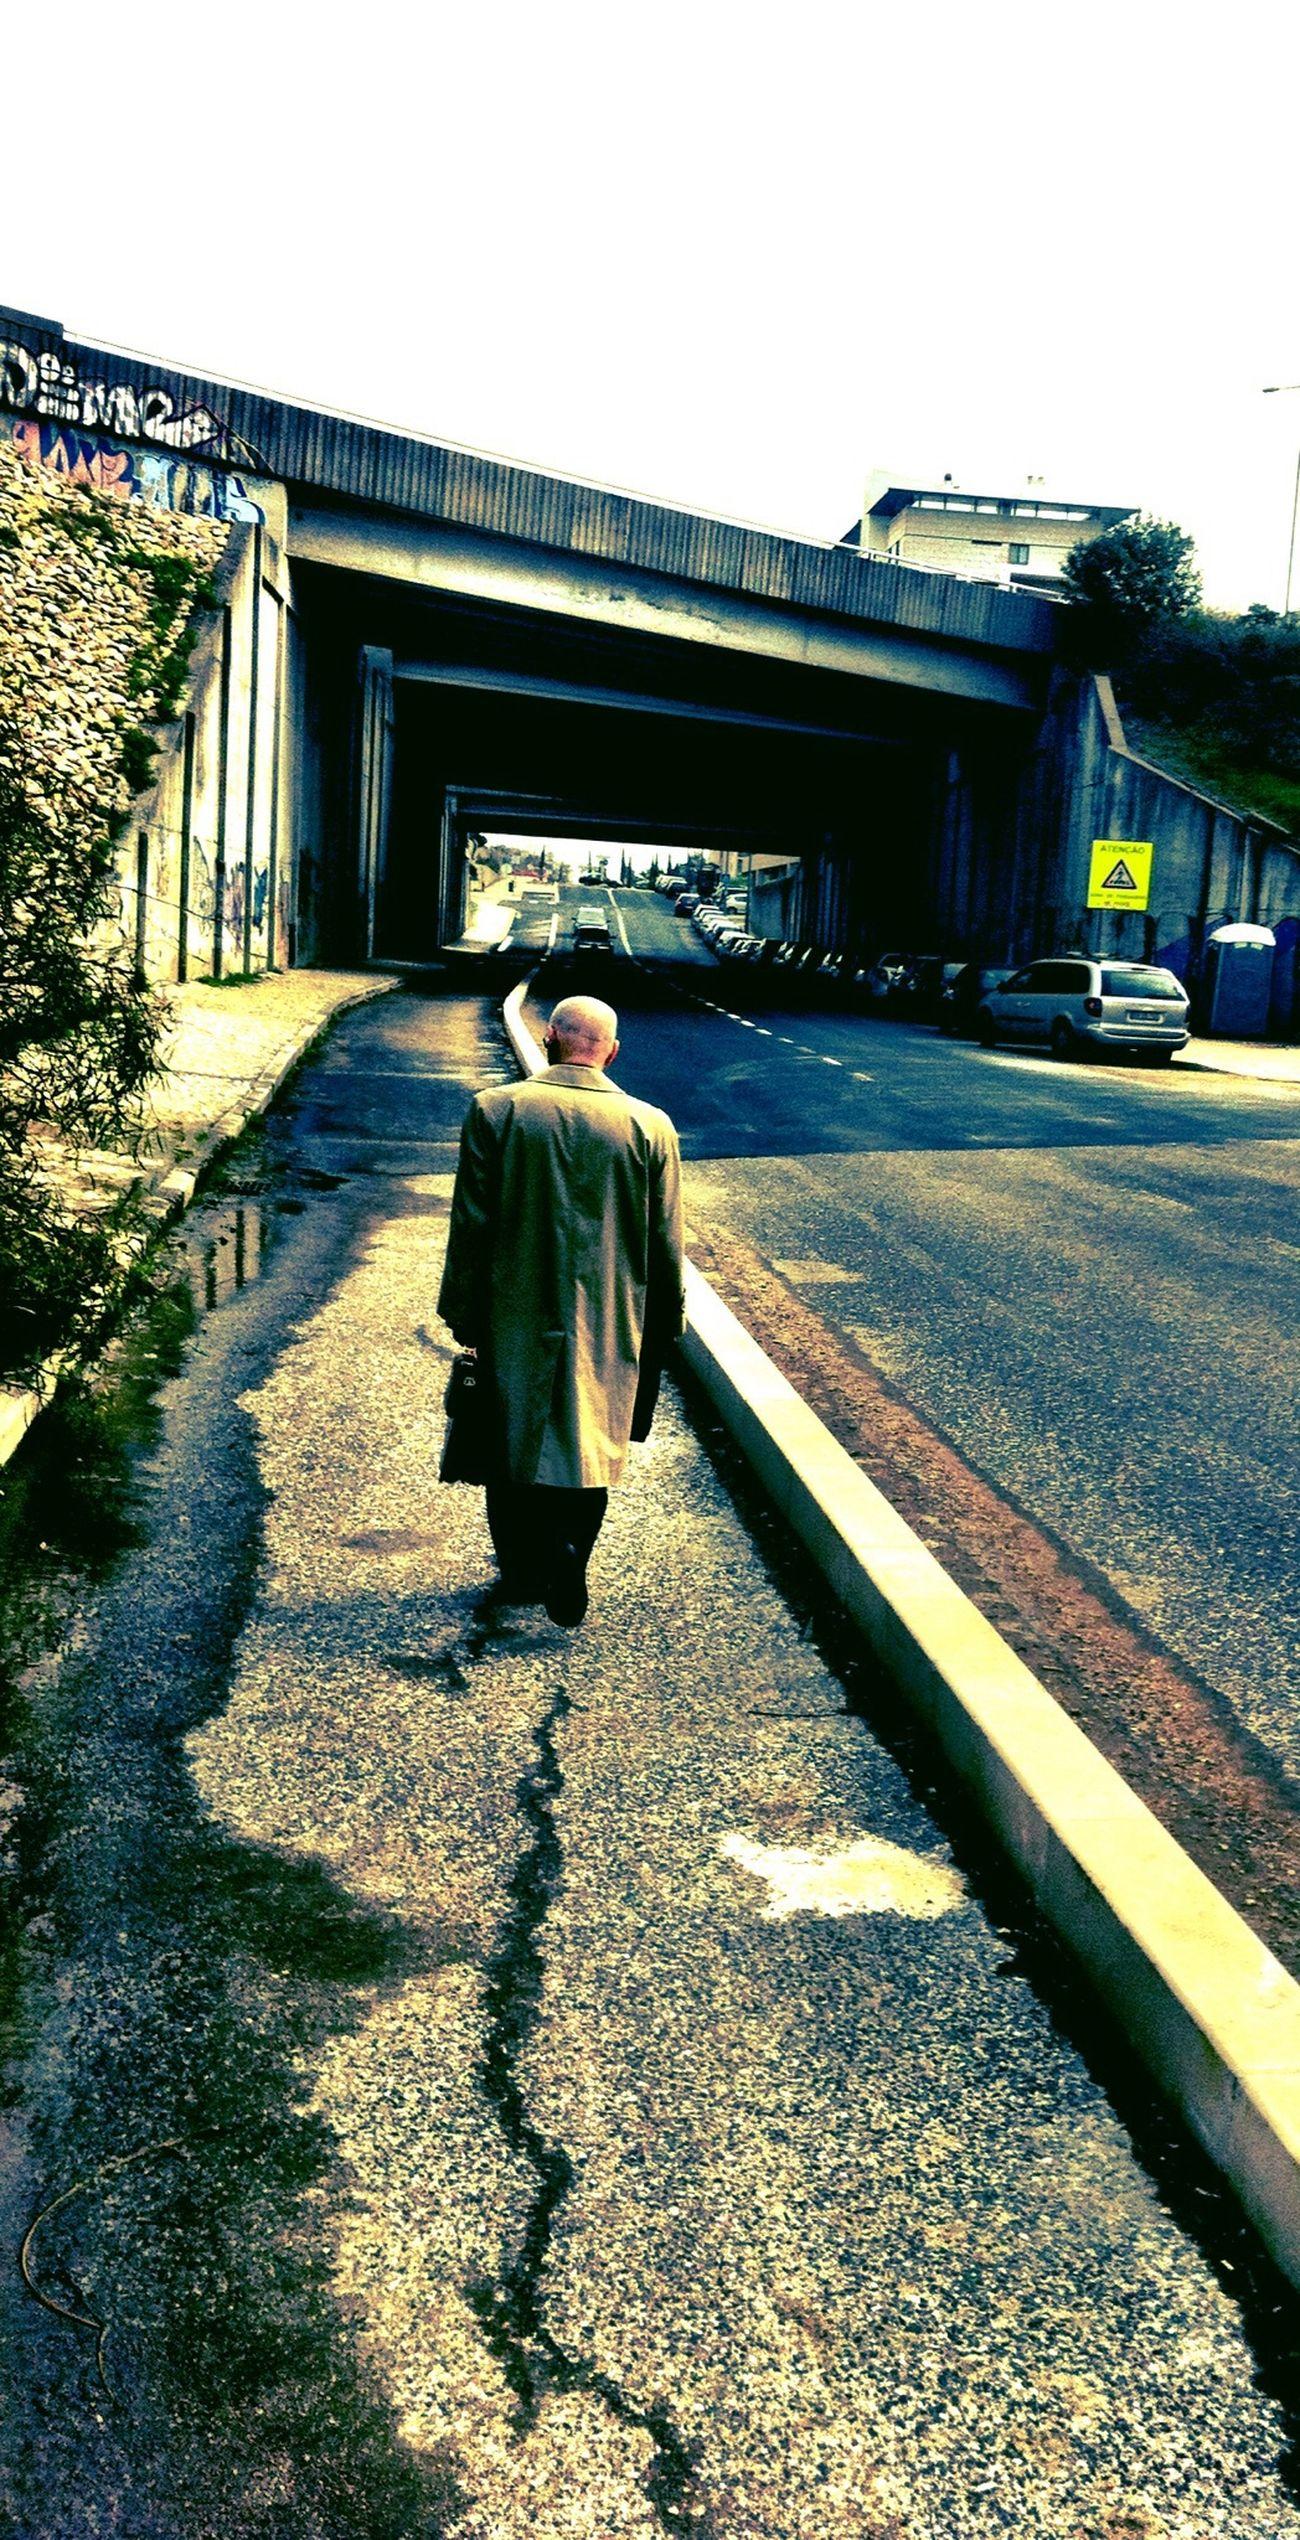 Cracker Man Cracks Agents Of S.H.I.E.L.D Street Urban Nature